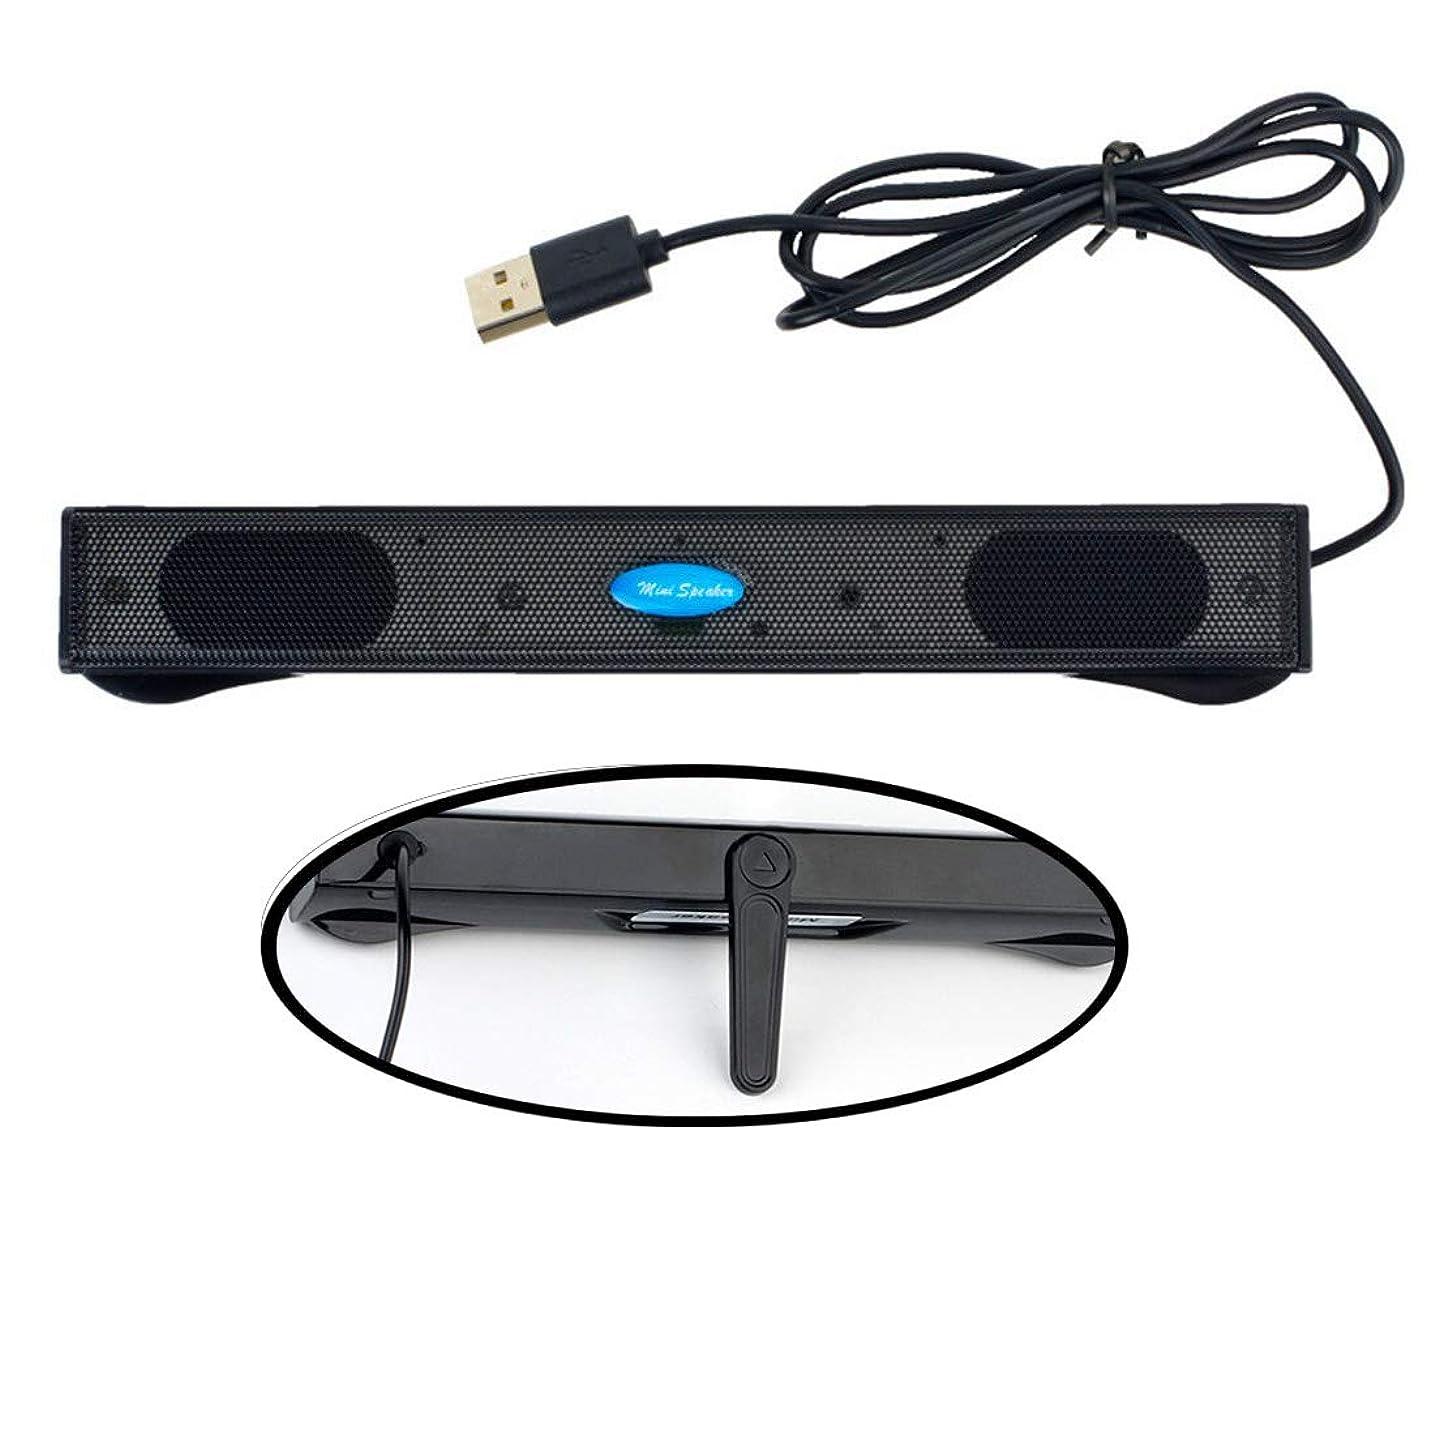 従う裂け目排出PC サウンドバーUSBスピーカー 接続 コンセント不要 【ブラック 】USBスピーカー 小型 サウンドバー 持ち運びに便利 音の立体感を感じる 、USB小型コンピュータのスピーカー サウンドバー